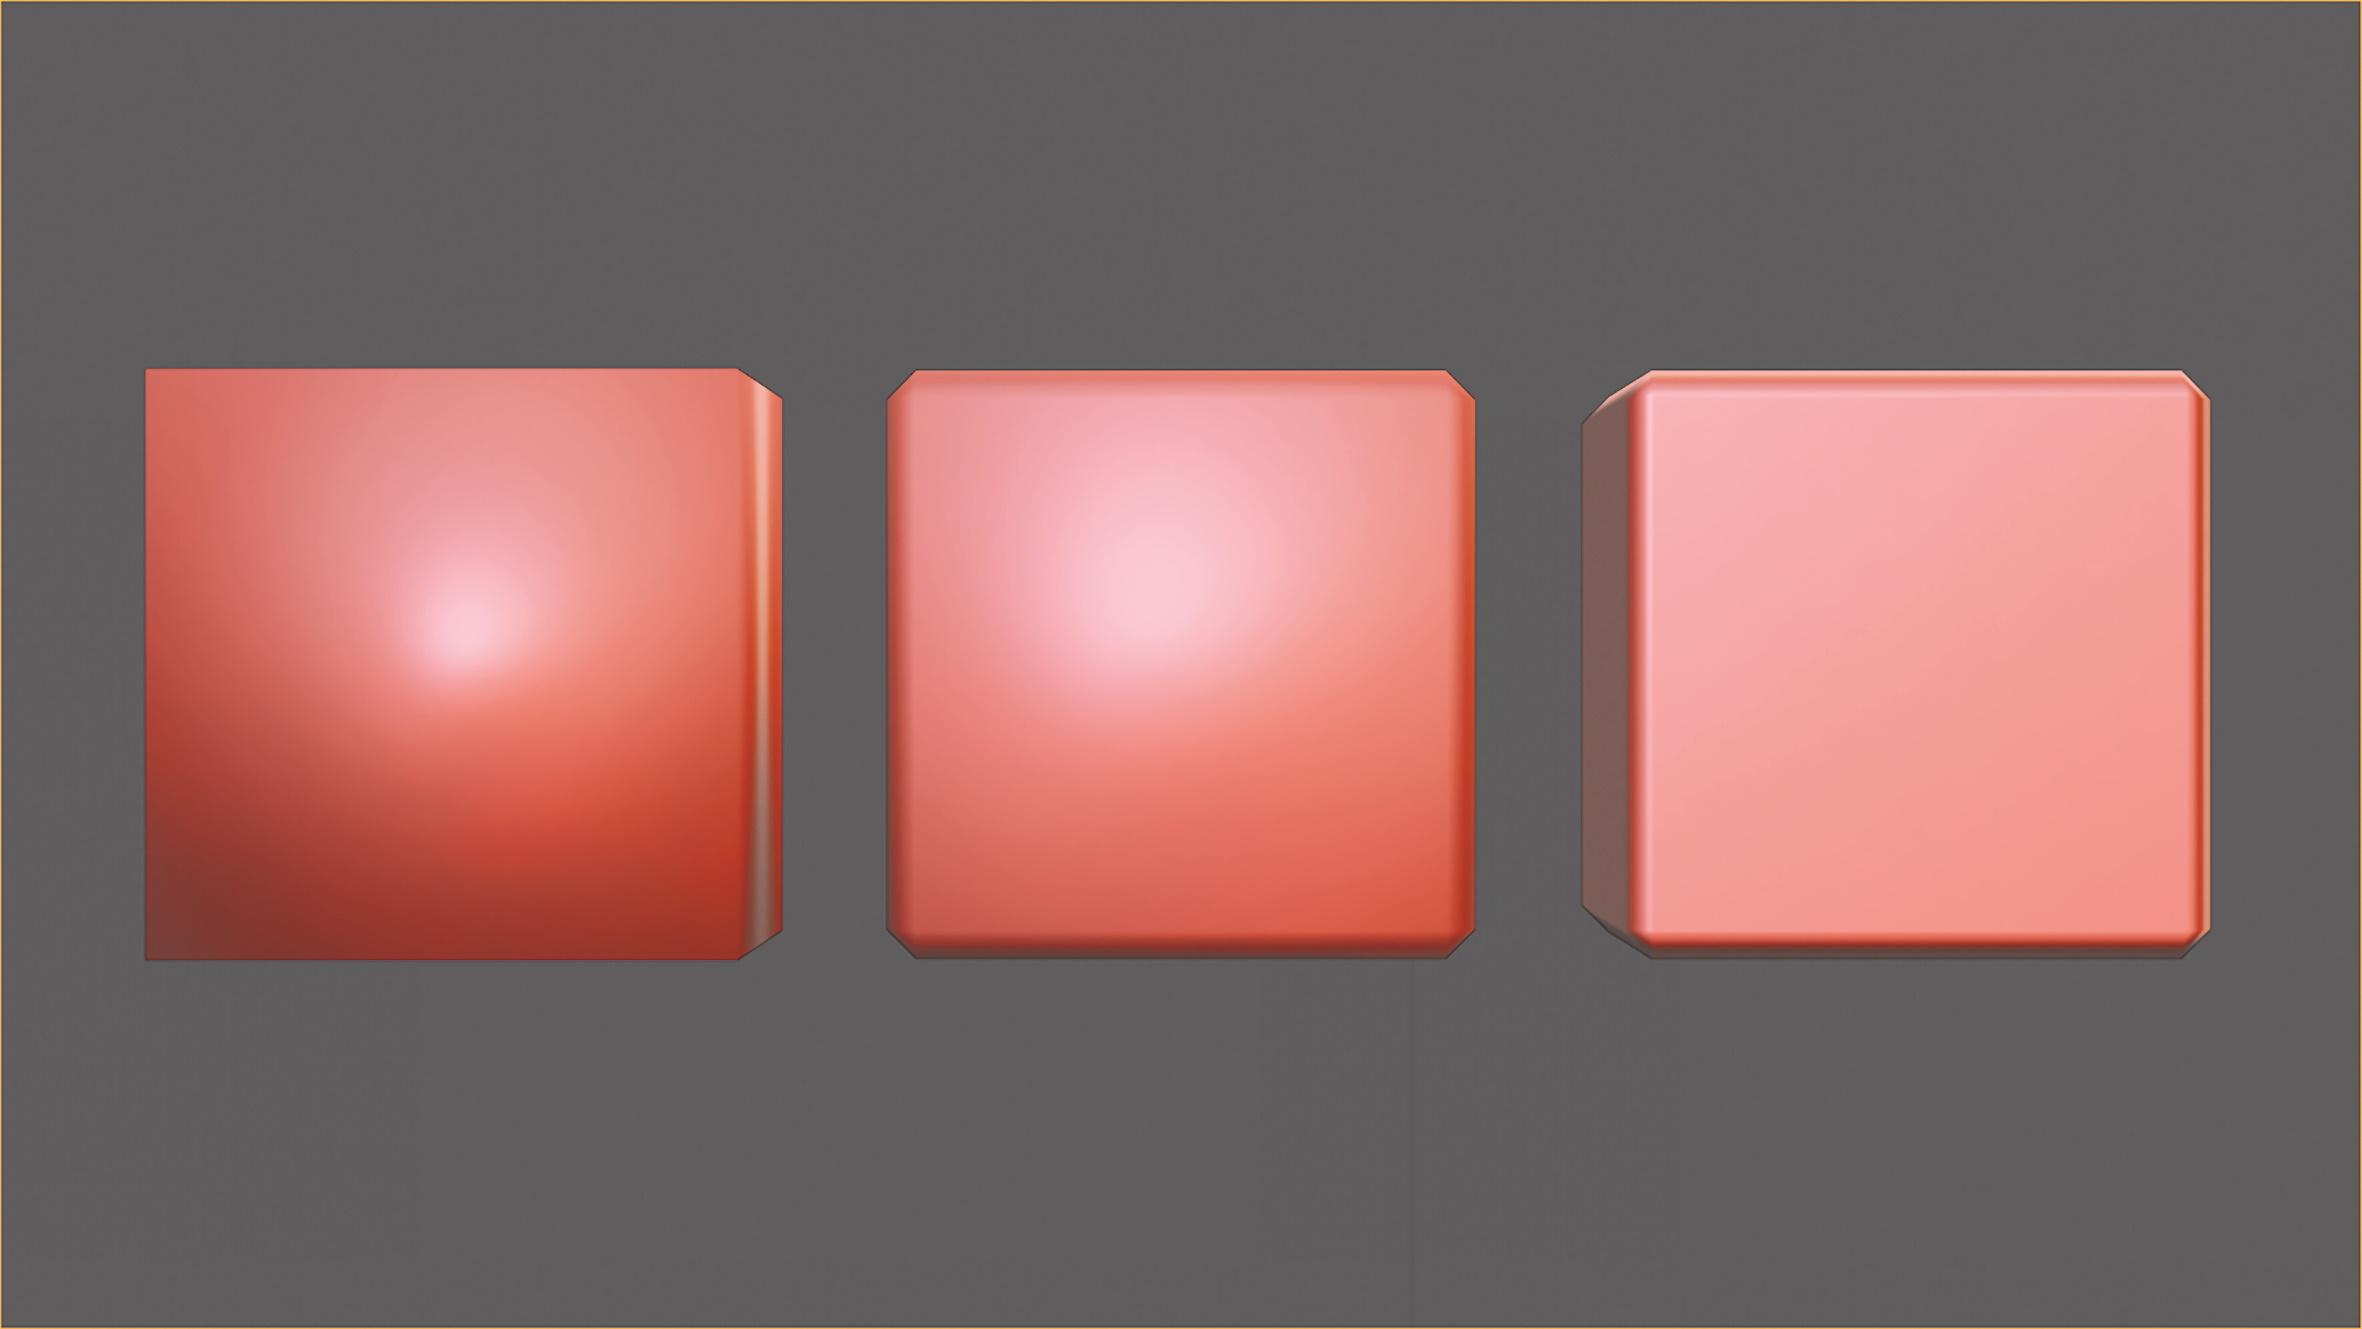 Abb. 9: Vergleich aus Smooth Shading, Bevel mit Smooth Shading und Bevel mit Face-Weighted Normals